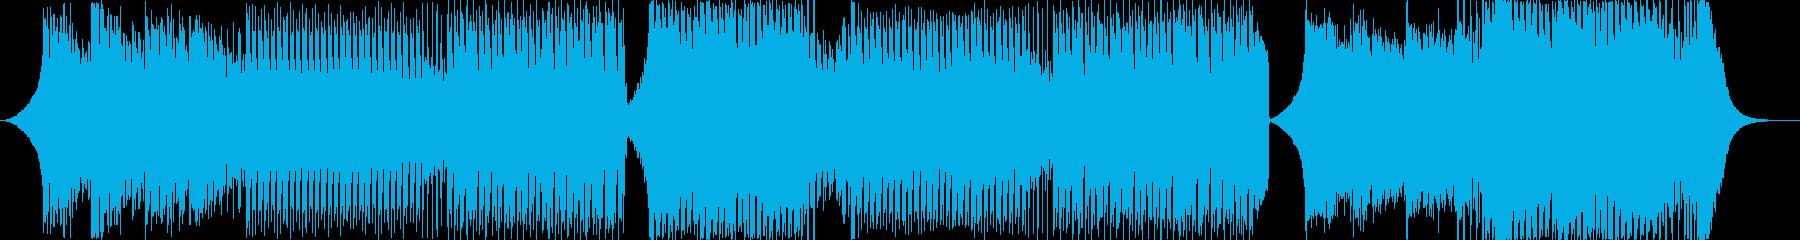 フィクション。歌。勝利。ポップイタ...の再生済みの波形